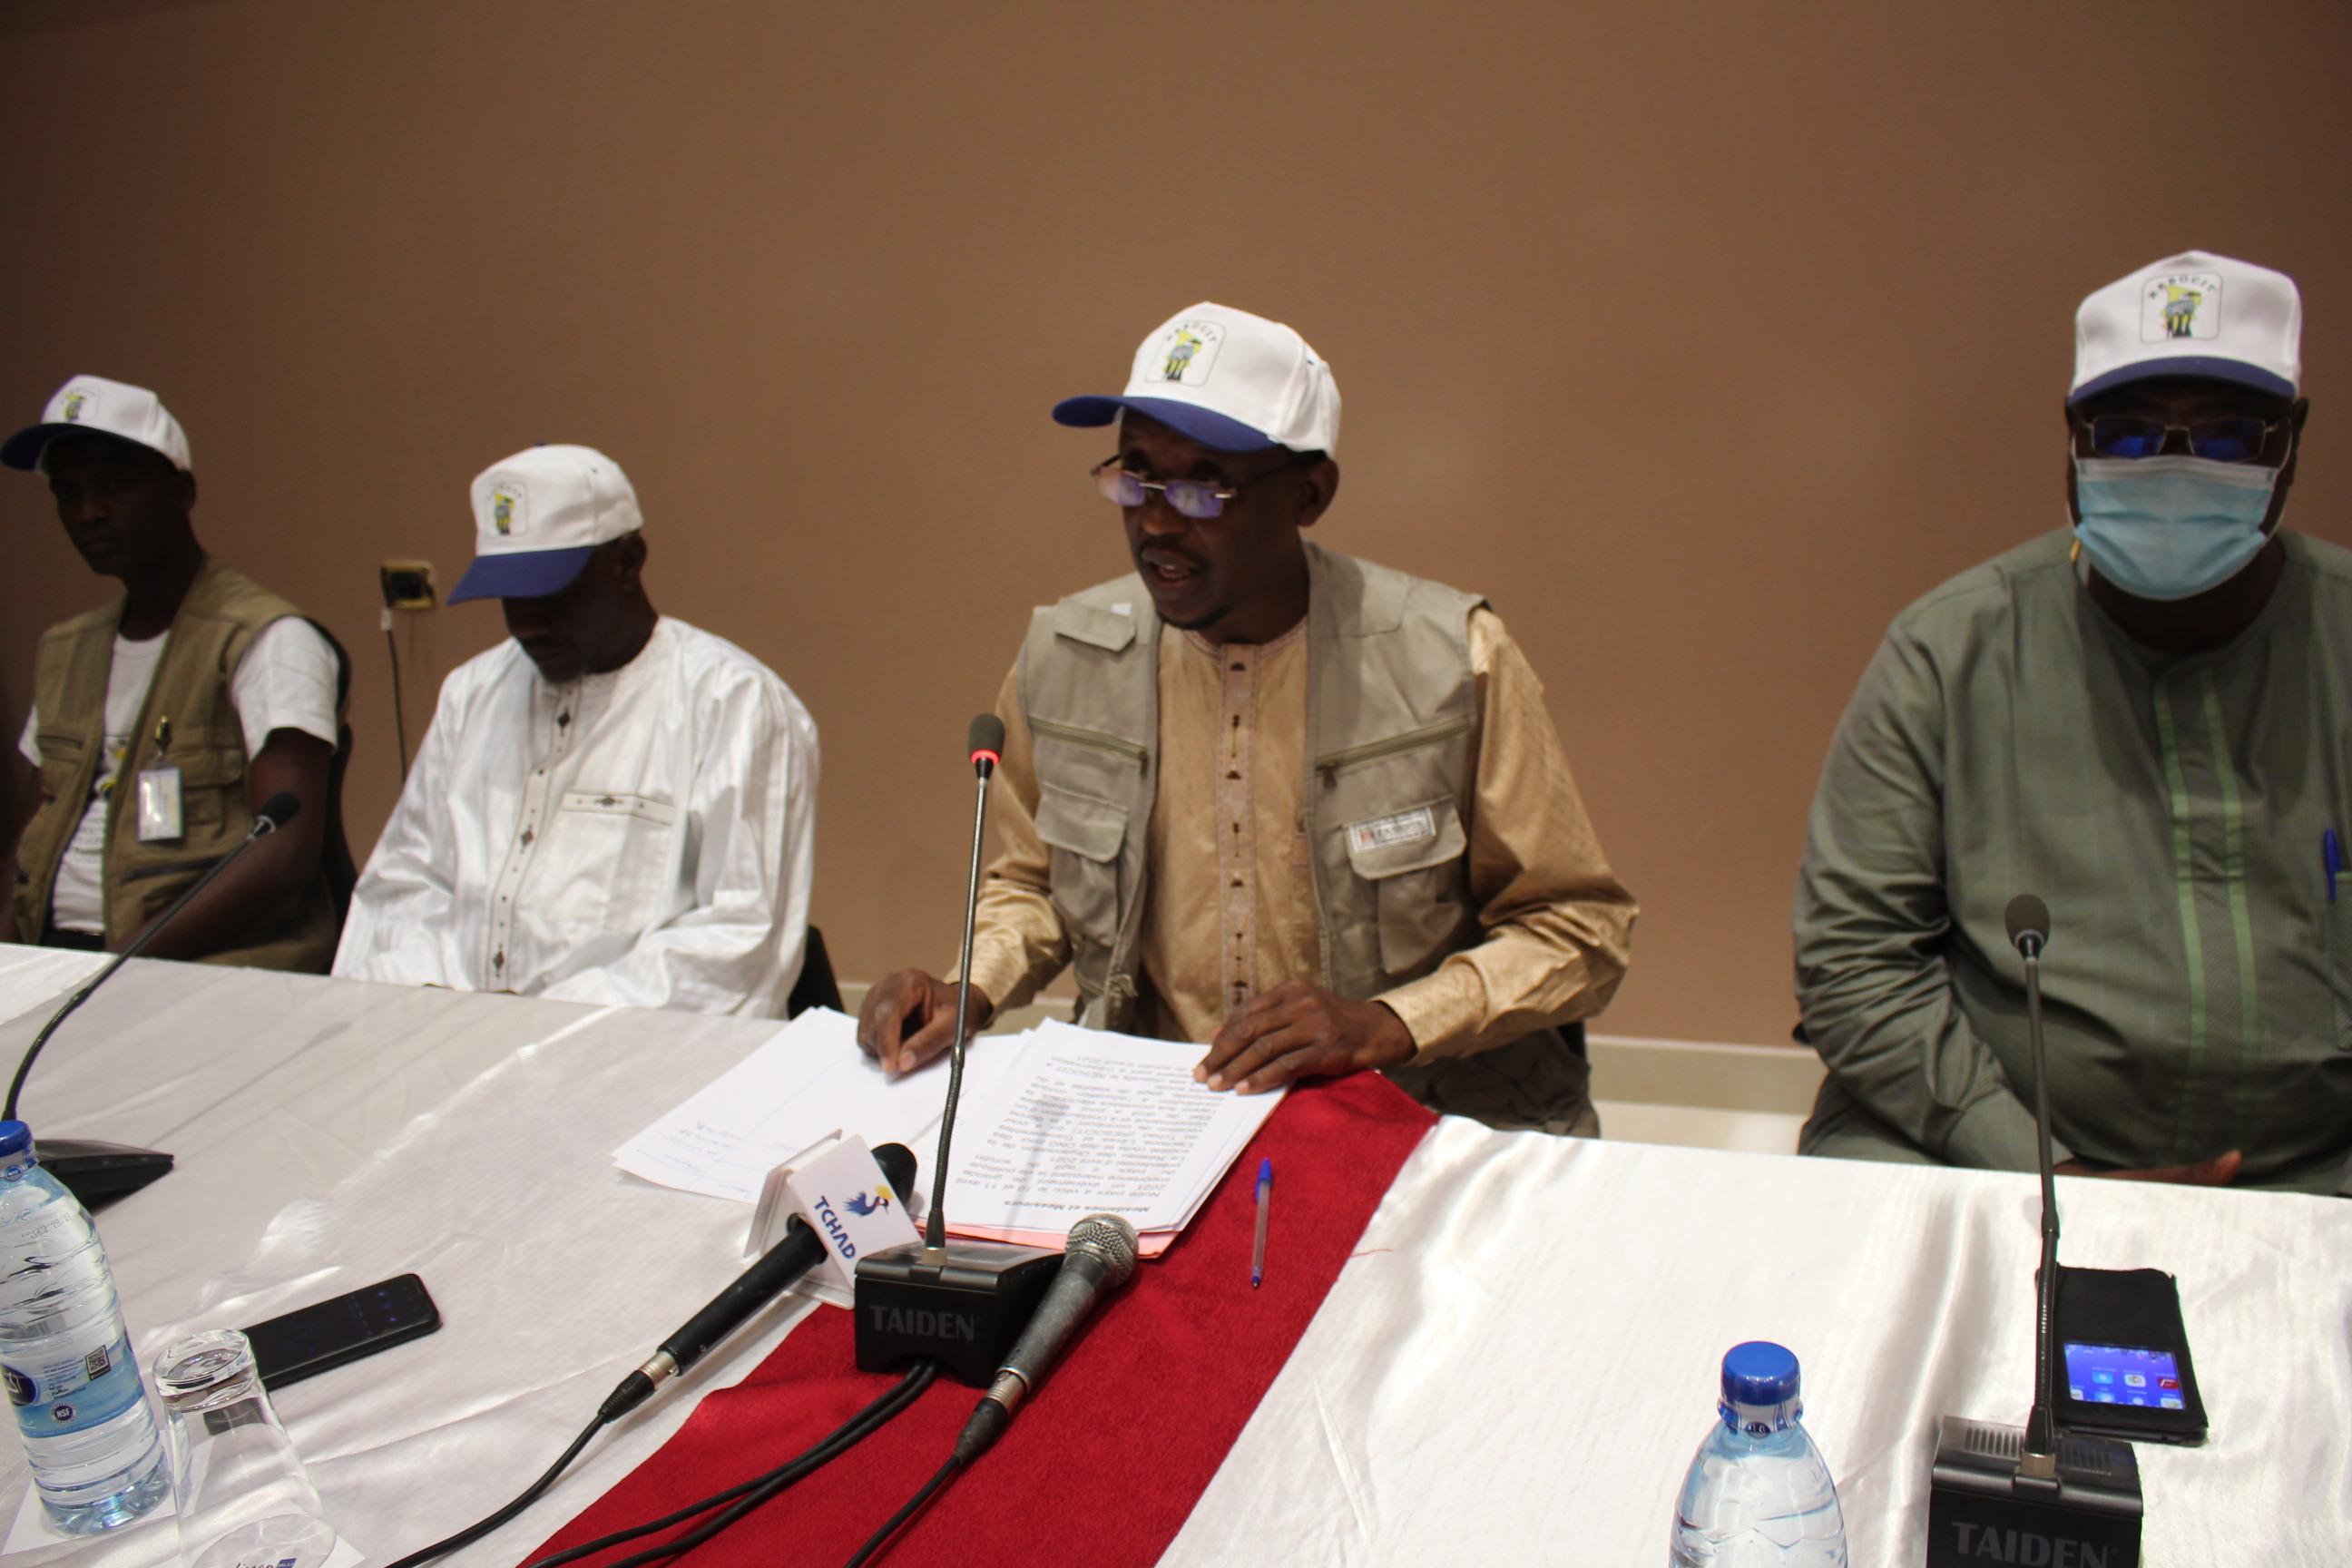 Le RESOCIT salue la maturité du peuple tchadien lors de son déroulement